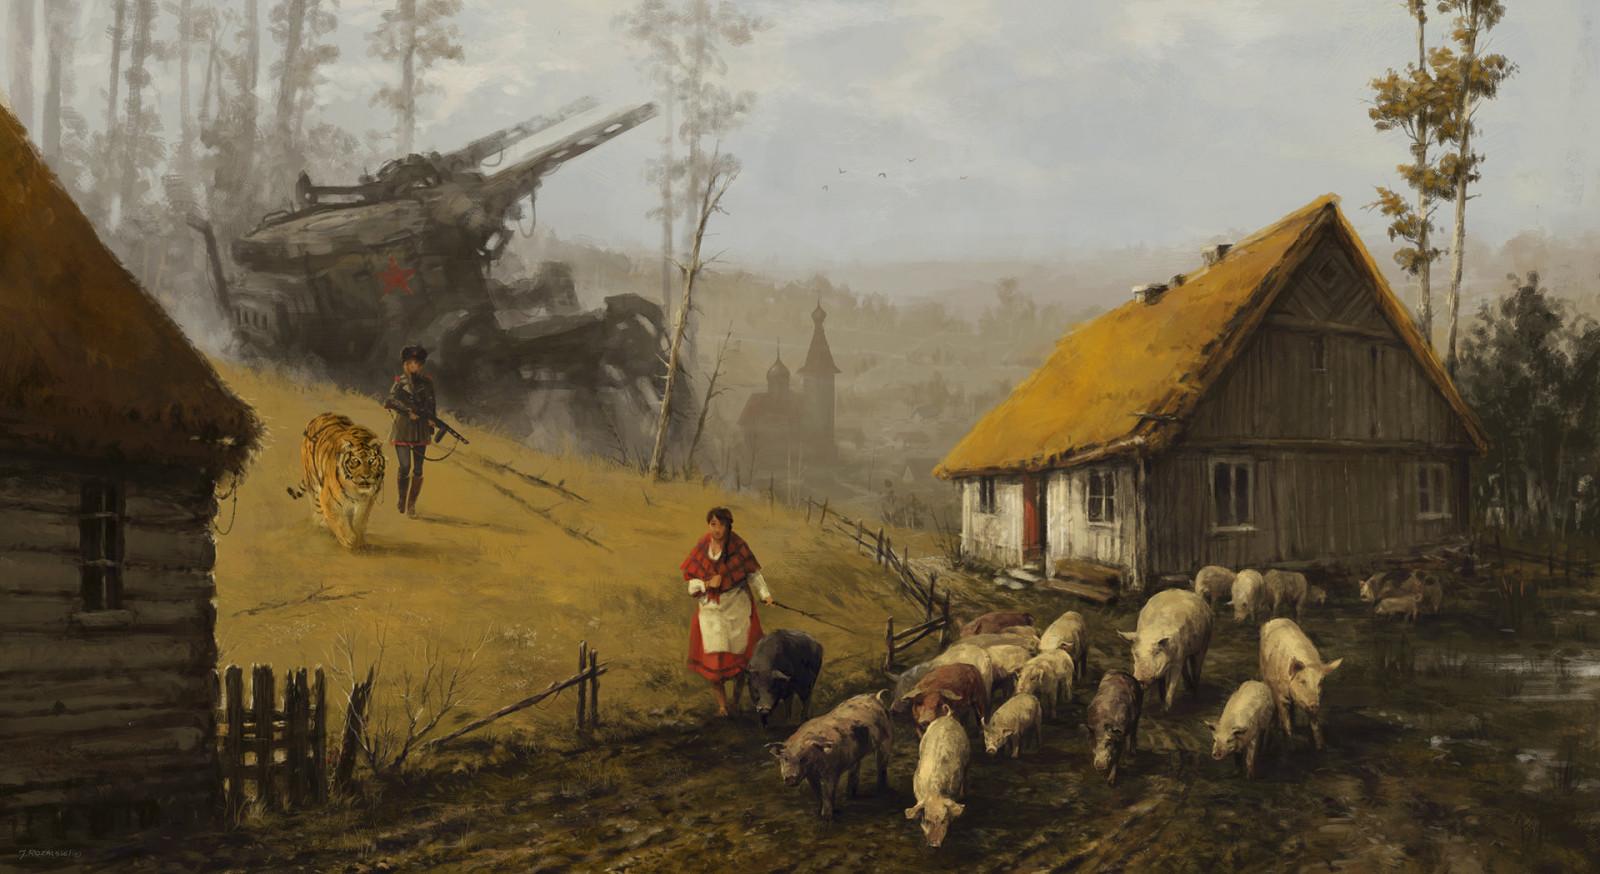 Masaüstü Boyama Asker Kadınlar Kaplan Köy Ev Hayvanlar